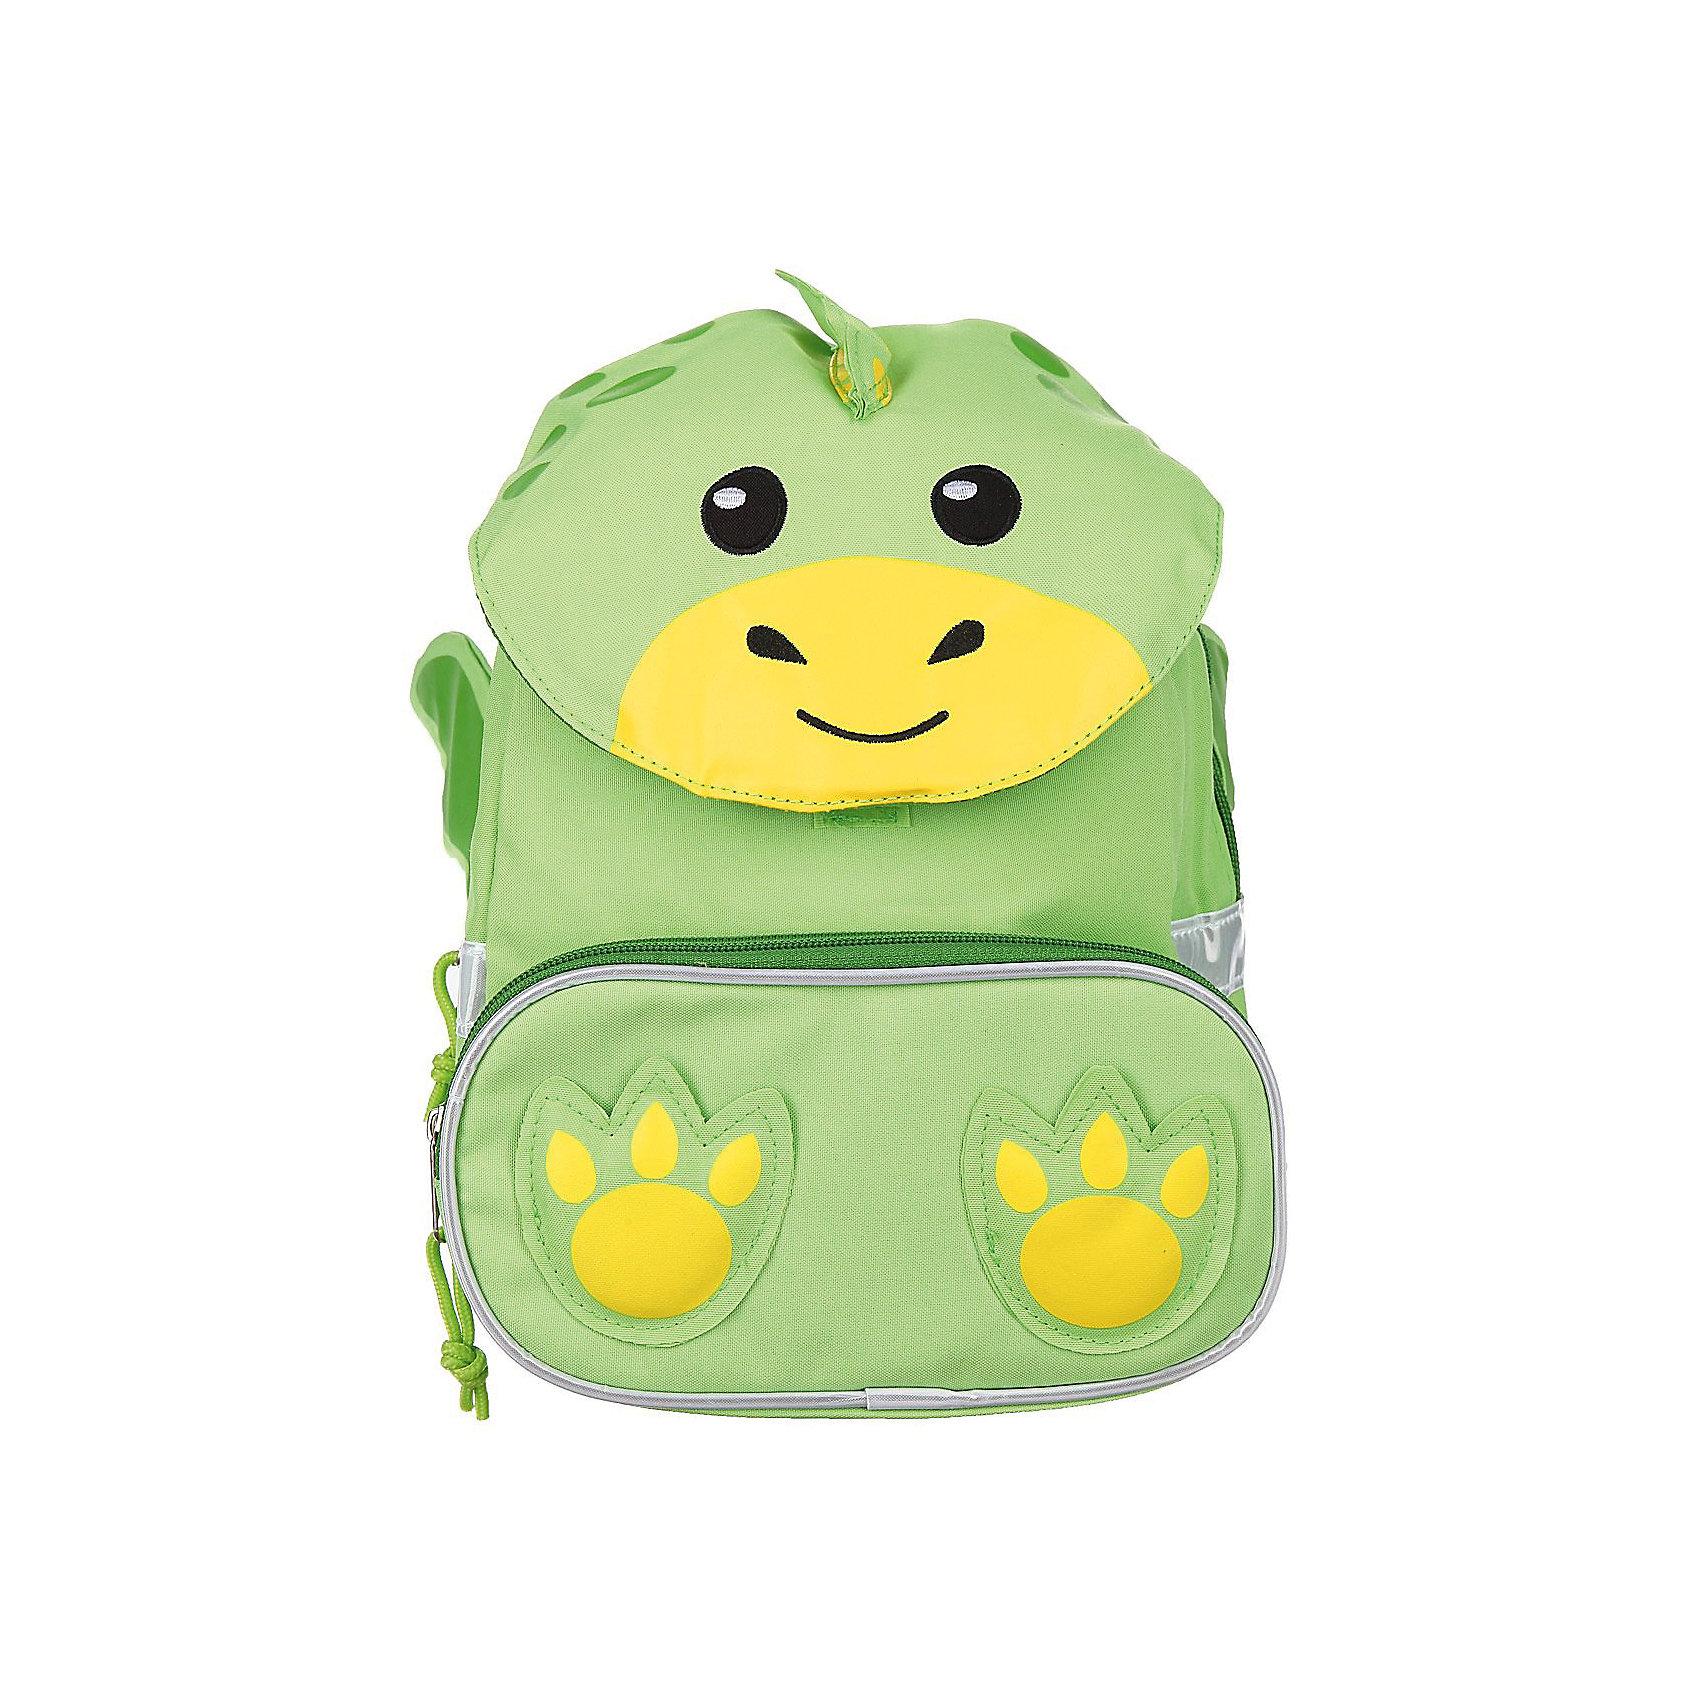 Детский рюкзак Дракончик, ArtberryДетский рюкзак Artberry Дракончик<br><br>Ширина мм: 210<br>Глубина мм: 100<br>Высота мм: 280<br>Вес г: 235<br>Возраст от месяцев: 36<br>Возраст до месяцев: 72<br>Пол: Унисекс<br>Возраст: Детский<br>SKU: 5409369